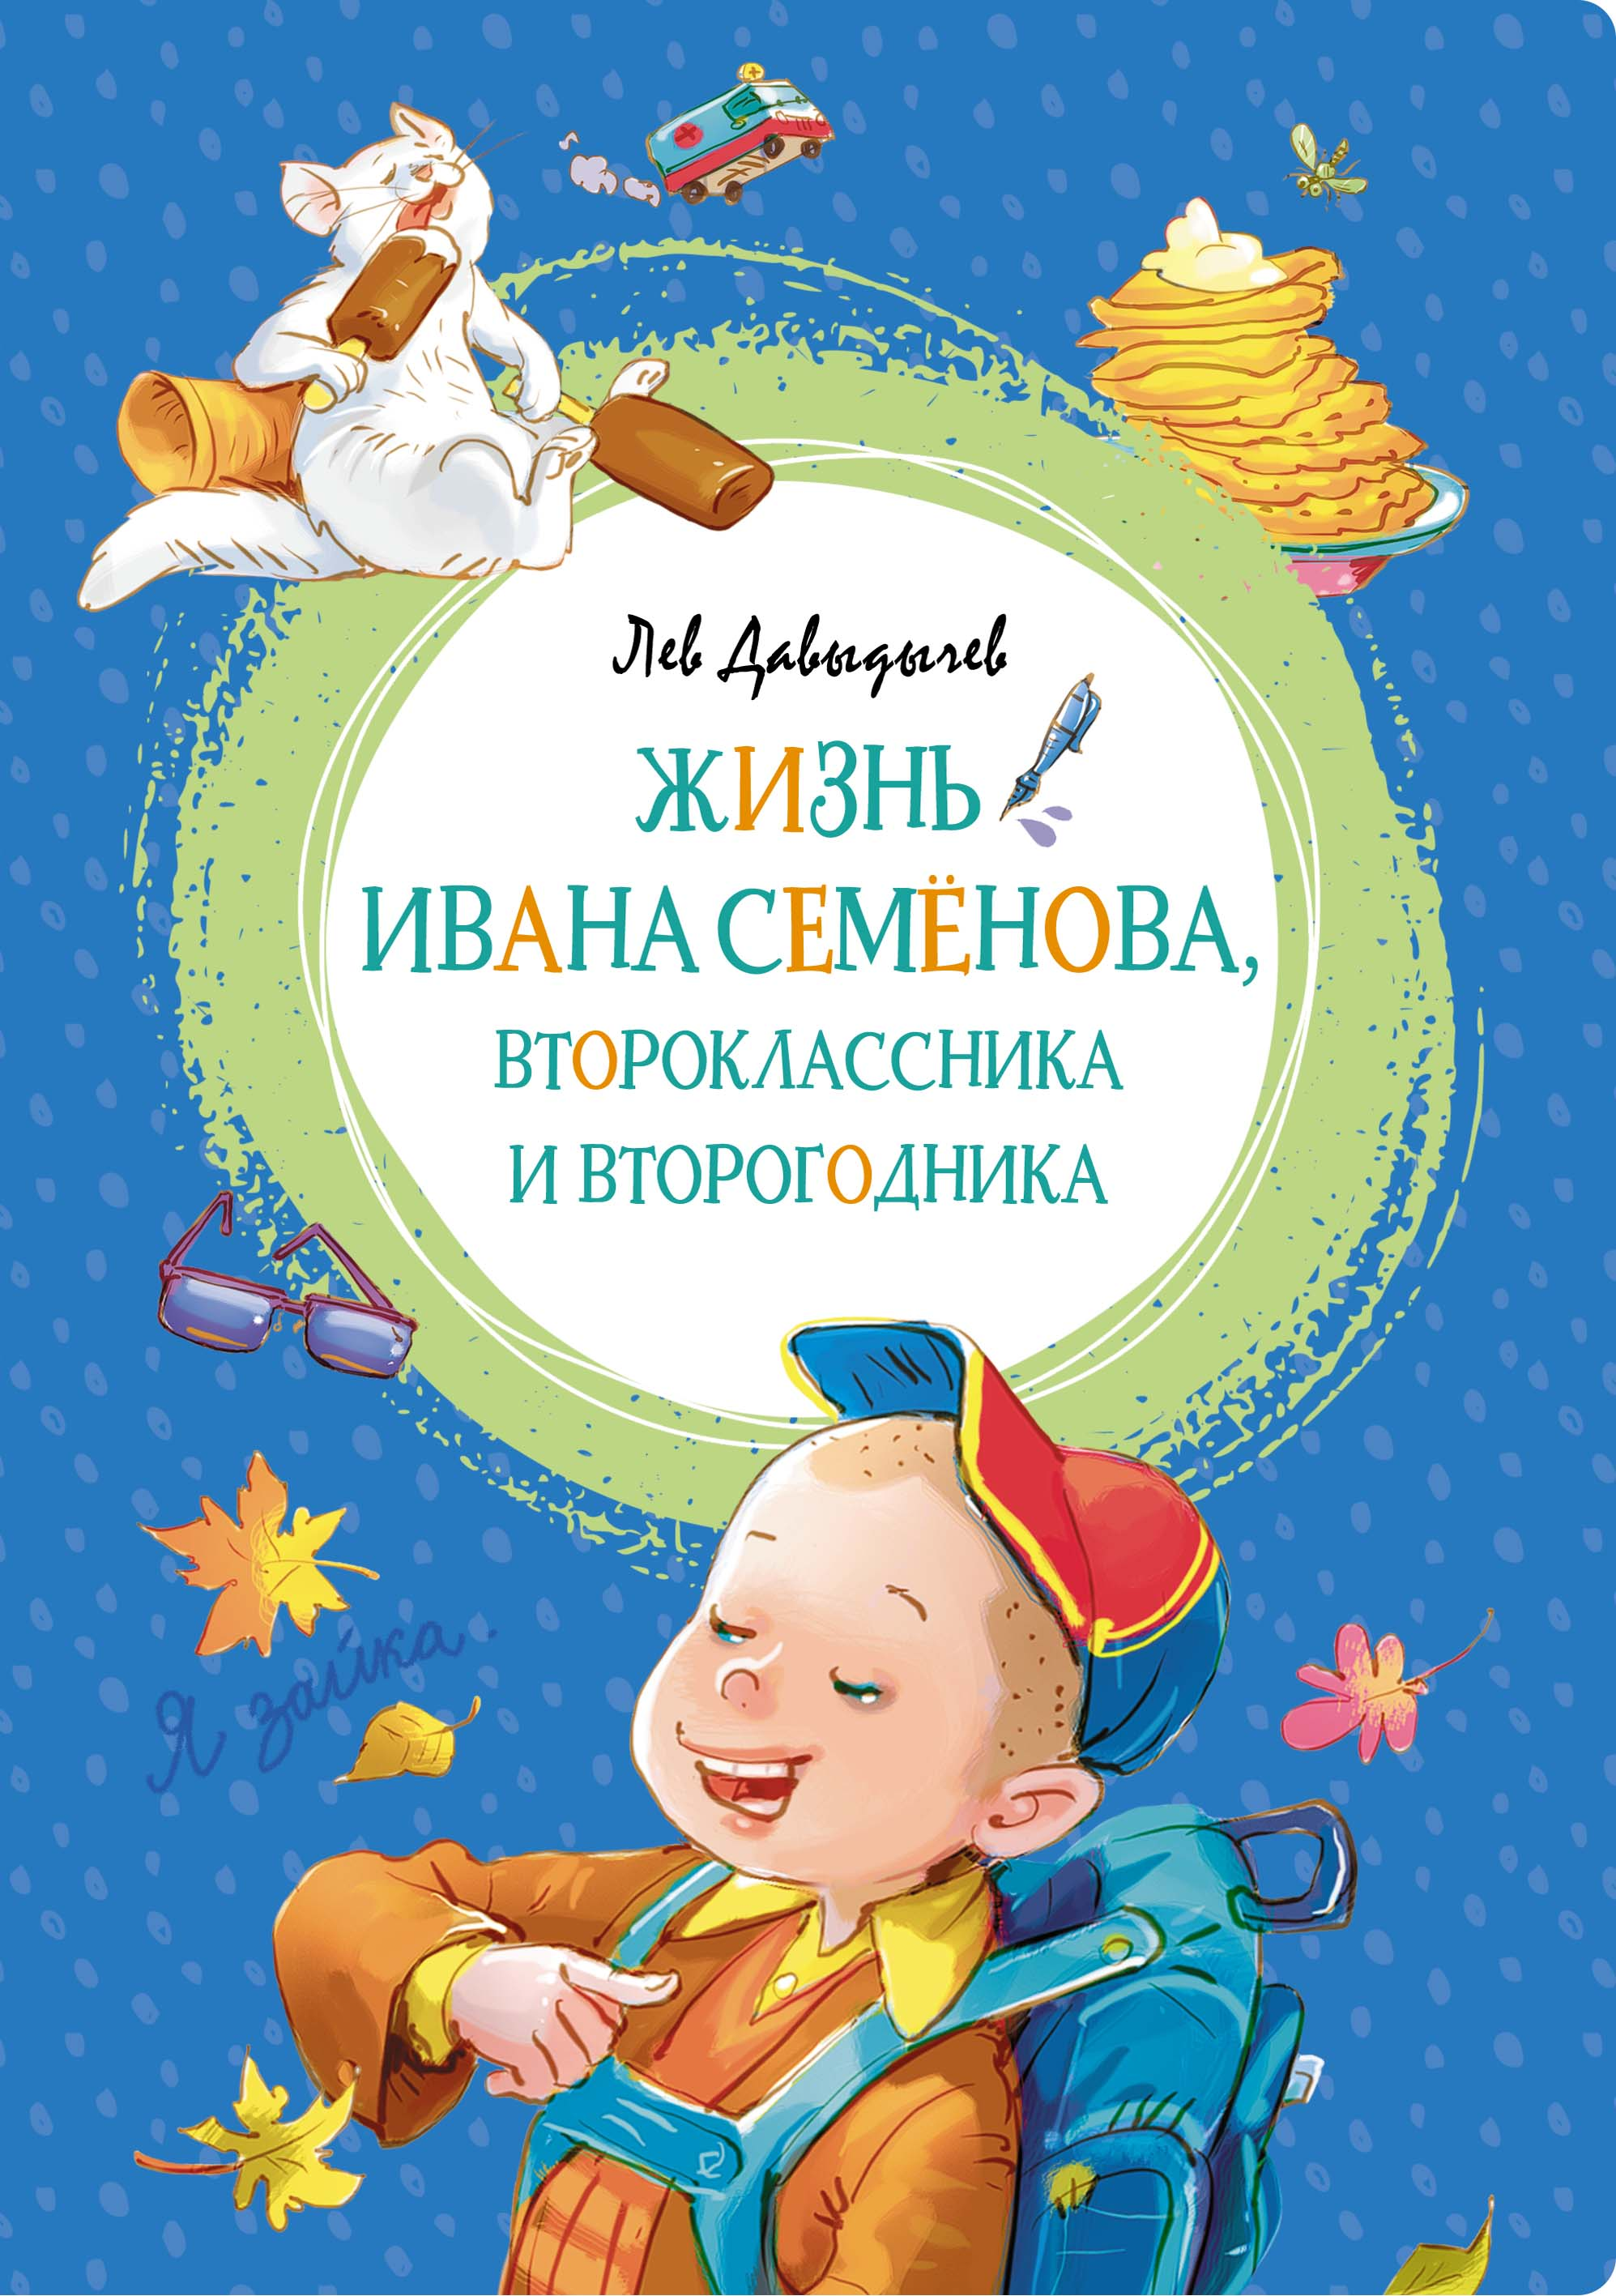 Жизнь Ивана Семёнова, второклассника и второгодника